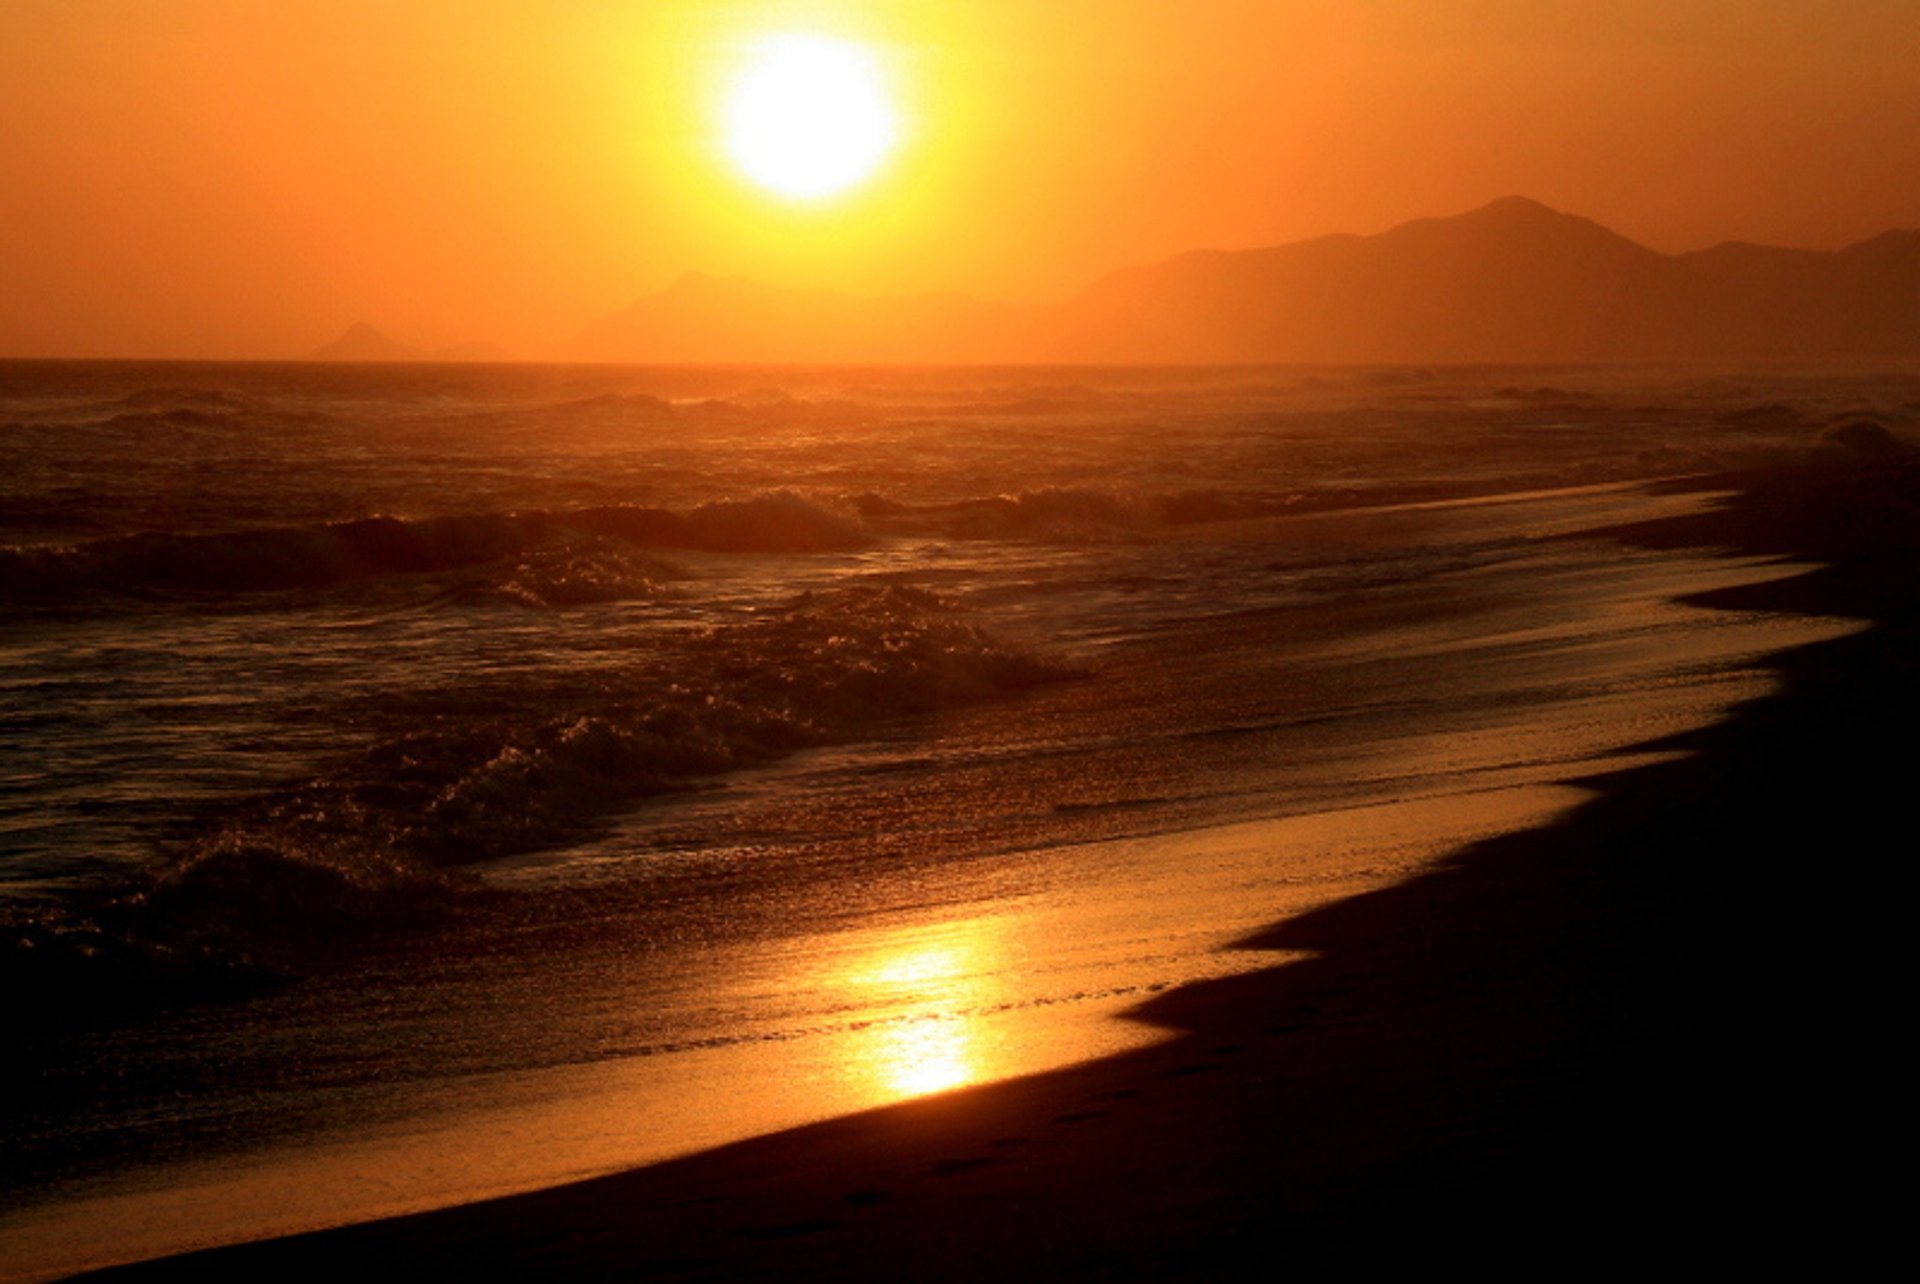 Sunset at Praia da Barra da Tijuca 2019